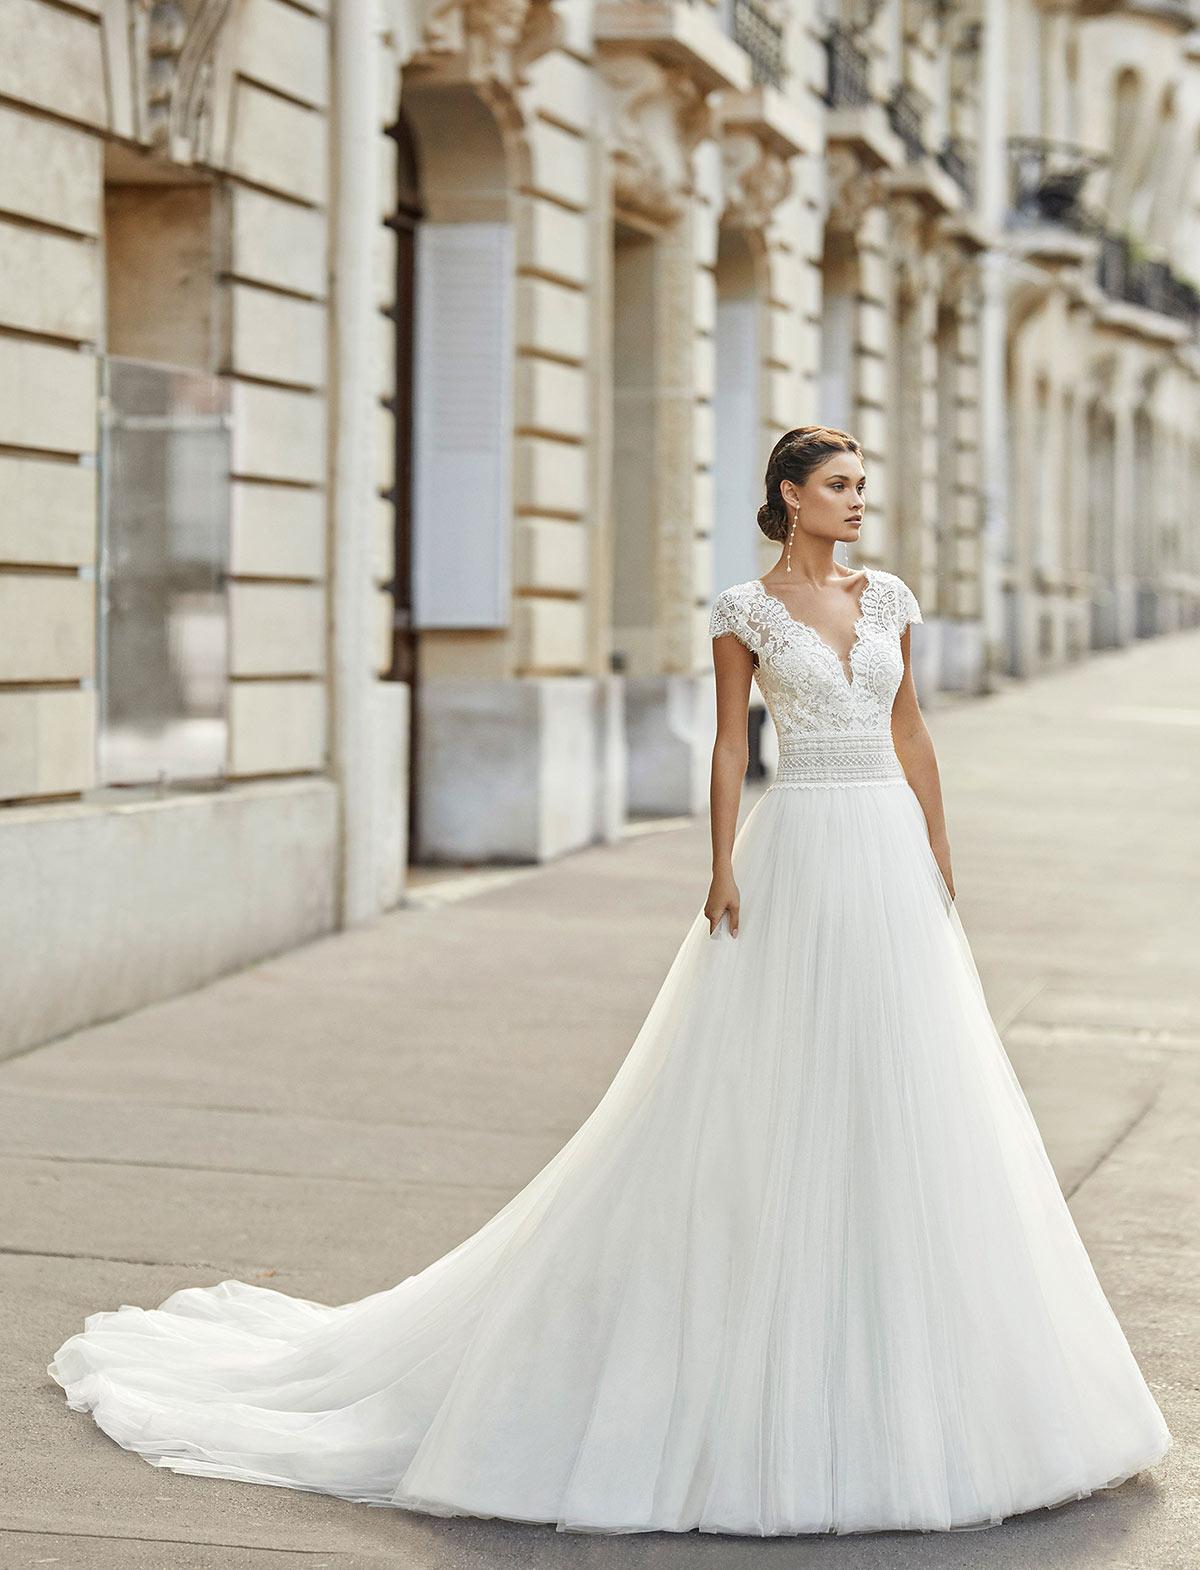 Rosa Clarà Tesalia Abito Sposa 2021